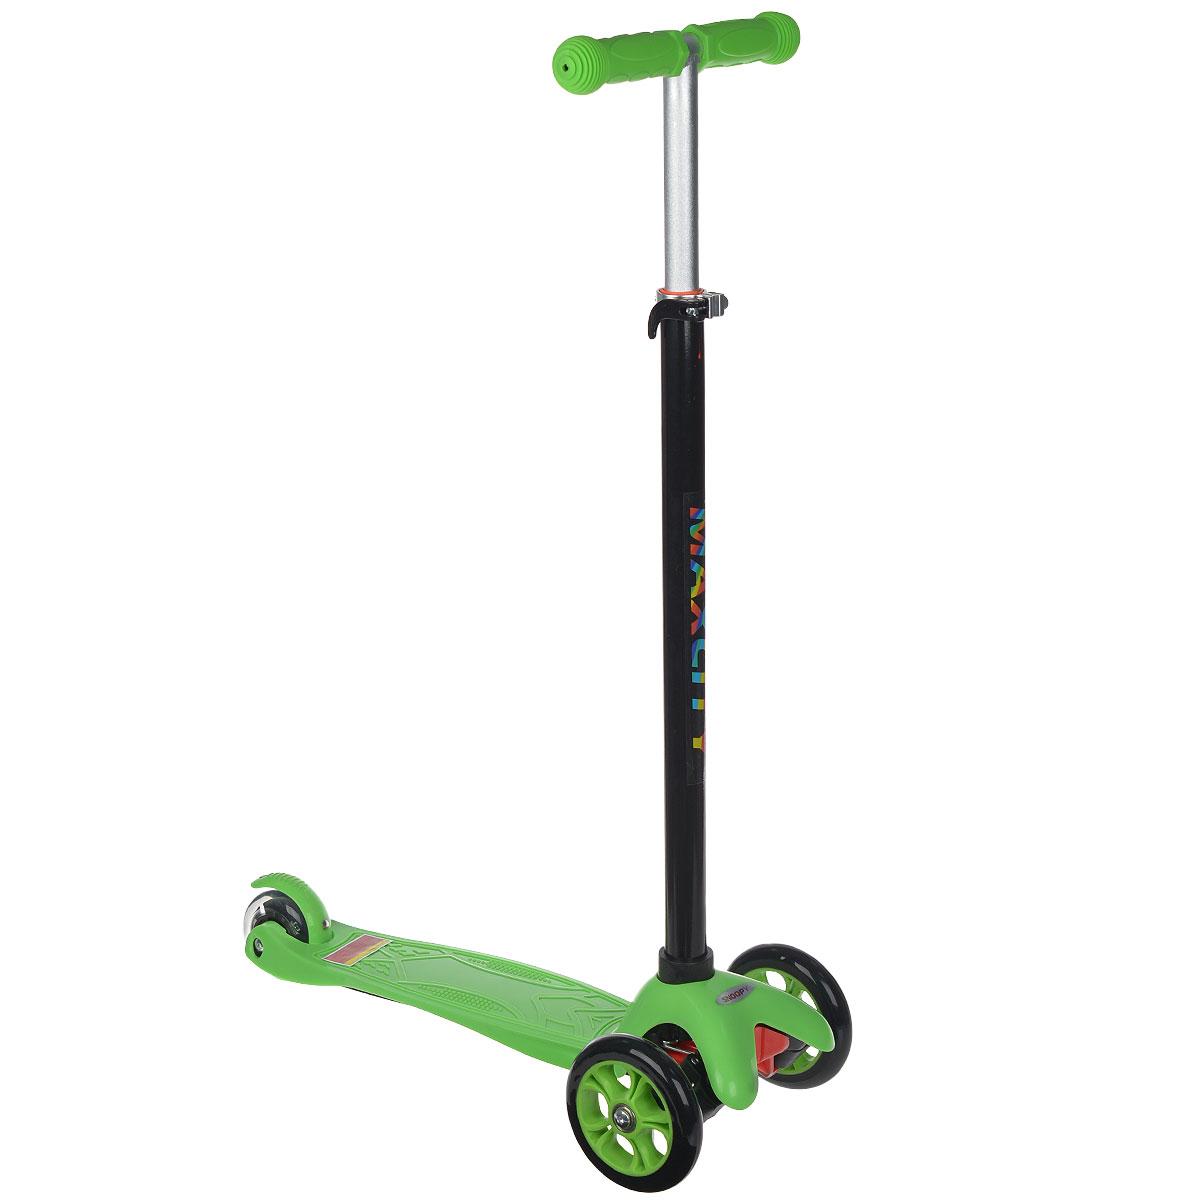 Самокат трехколесный MaxCity Snoopy, цвет: зеленыйSNOOPYСамокат MaxCity Snoopy предназначается для самых маленьких. Детки в возрасте от трех до пяти лет придут в неописуемый восторг от подобного подарка! Самокат изготовлен из сверхпрочных современных материалов. Поэтому он легко выдерживает вес 30 кг! Вы можете полностью быть уверены в безопасности вашего малыша.У самоката имеется три колеса, поэтому он обладает отличной устойчивостью! Оснащен пяточным тормозом. Заднее колесо светится при езде. Процесс обучения езде на самокате обладает прекрасным плюсом. Чтобы научиться кататься, ребенку не требуется тренер, который должен на первых порах все время находиться рядом, как было бы при обучении катанию на велосипеде. Это легко объясняется конструкцией данной модели самоката. Ваш малыш сможет быстро освоить, как нужно кататься. Он ни разу при этом не упадет! Детский транспорт способен приносить ребенку лишь радость.